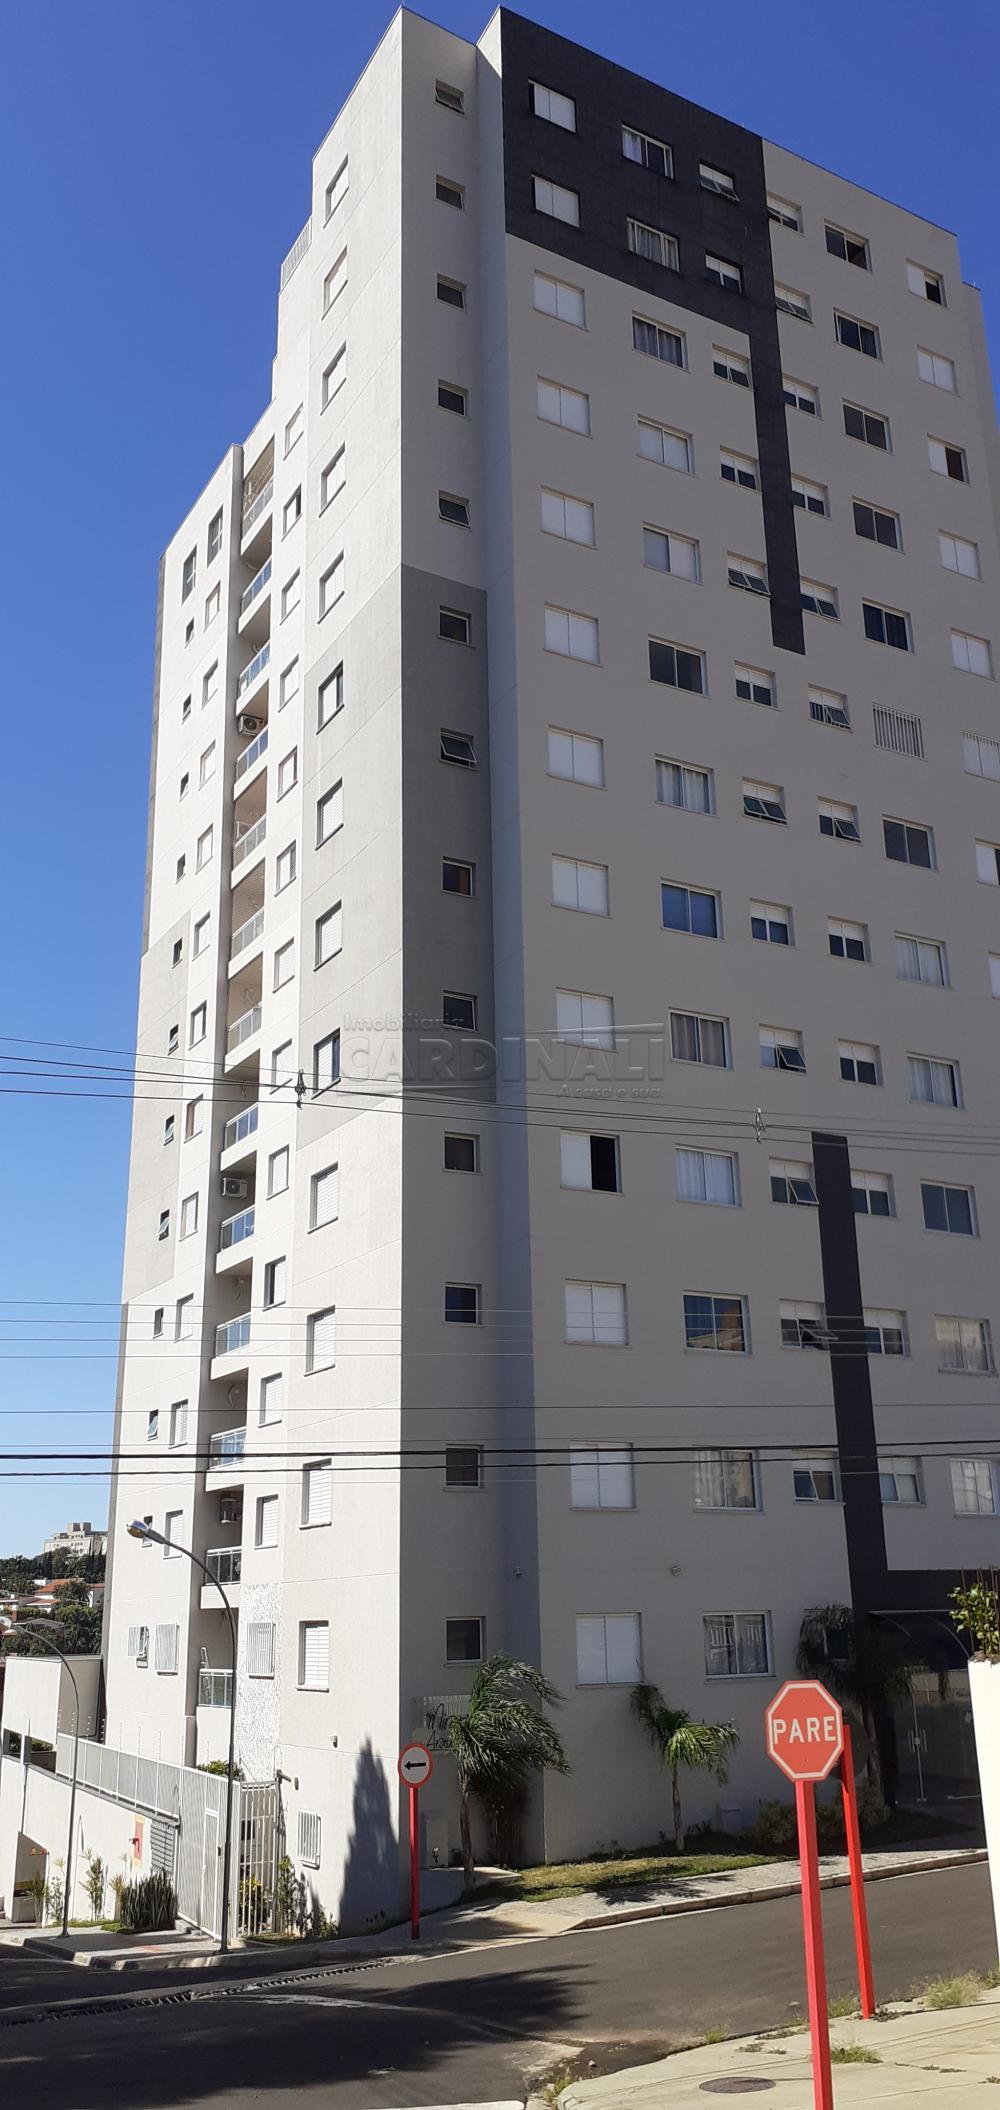 Alugar Apartamento / Padrão em São Carlos apenas R$ 1.700,00 - Foto 1